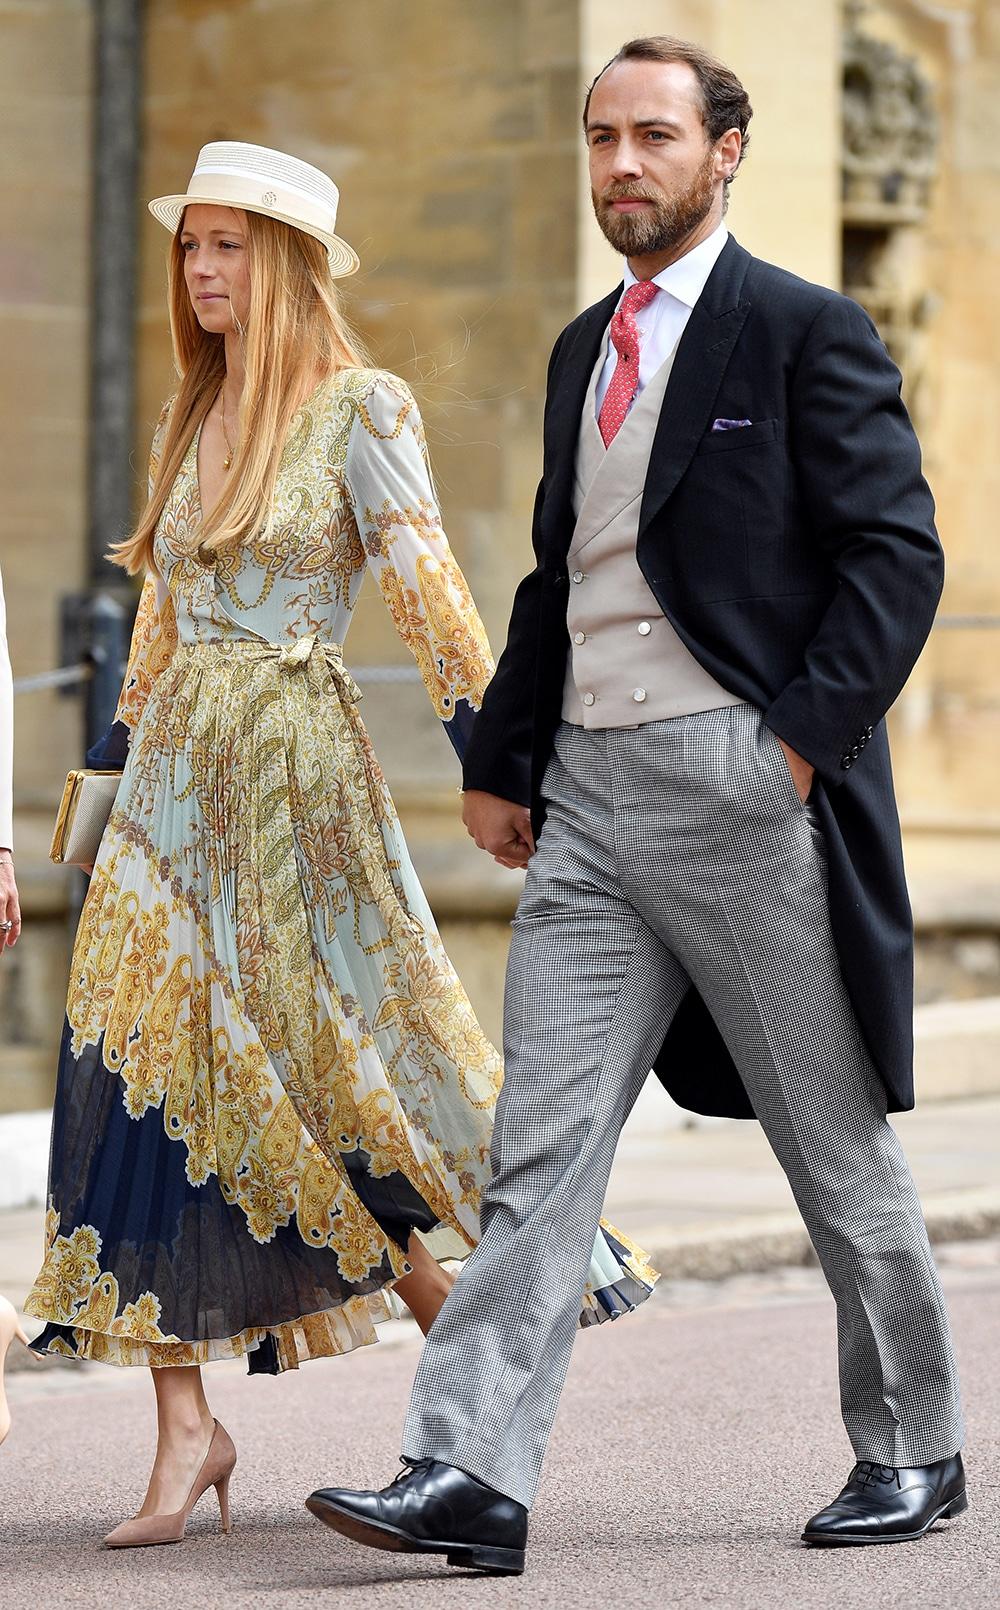 6b0bed183f9e L'abito di H&M di Alizee Thevenet è il look perfetto per un matrimonio